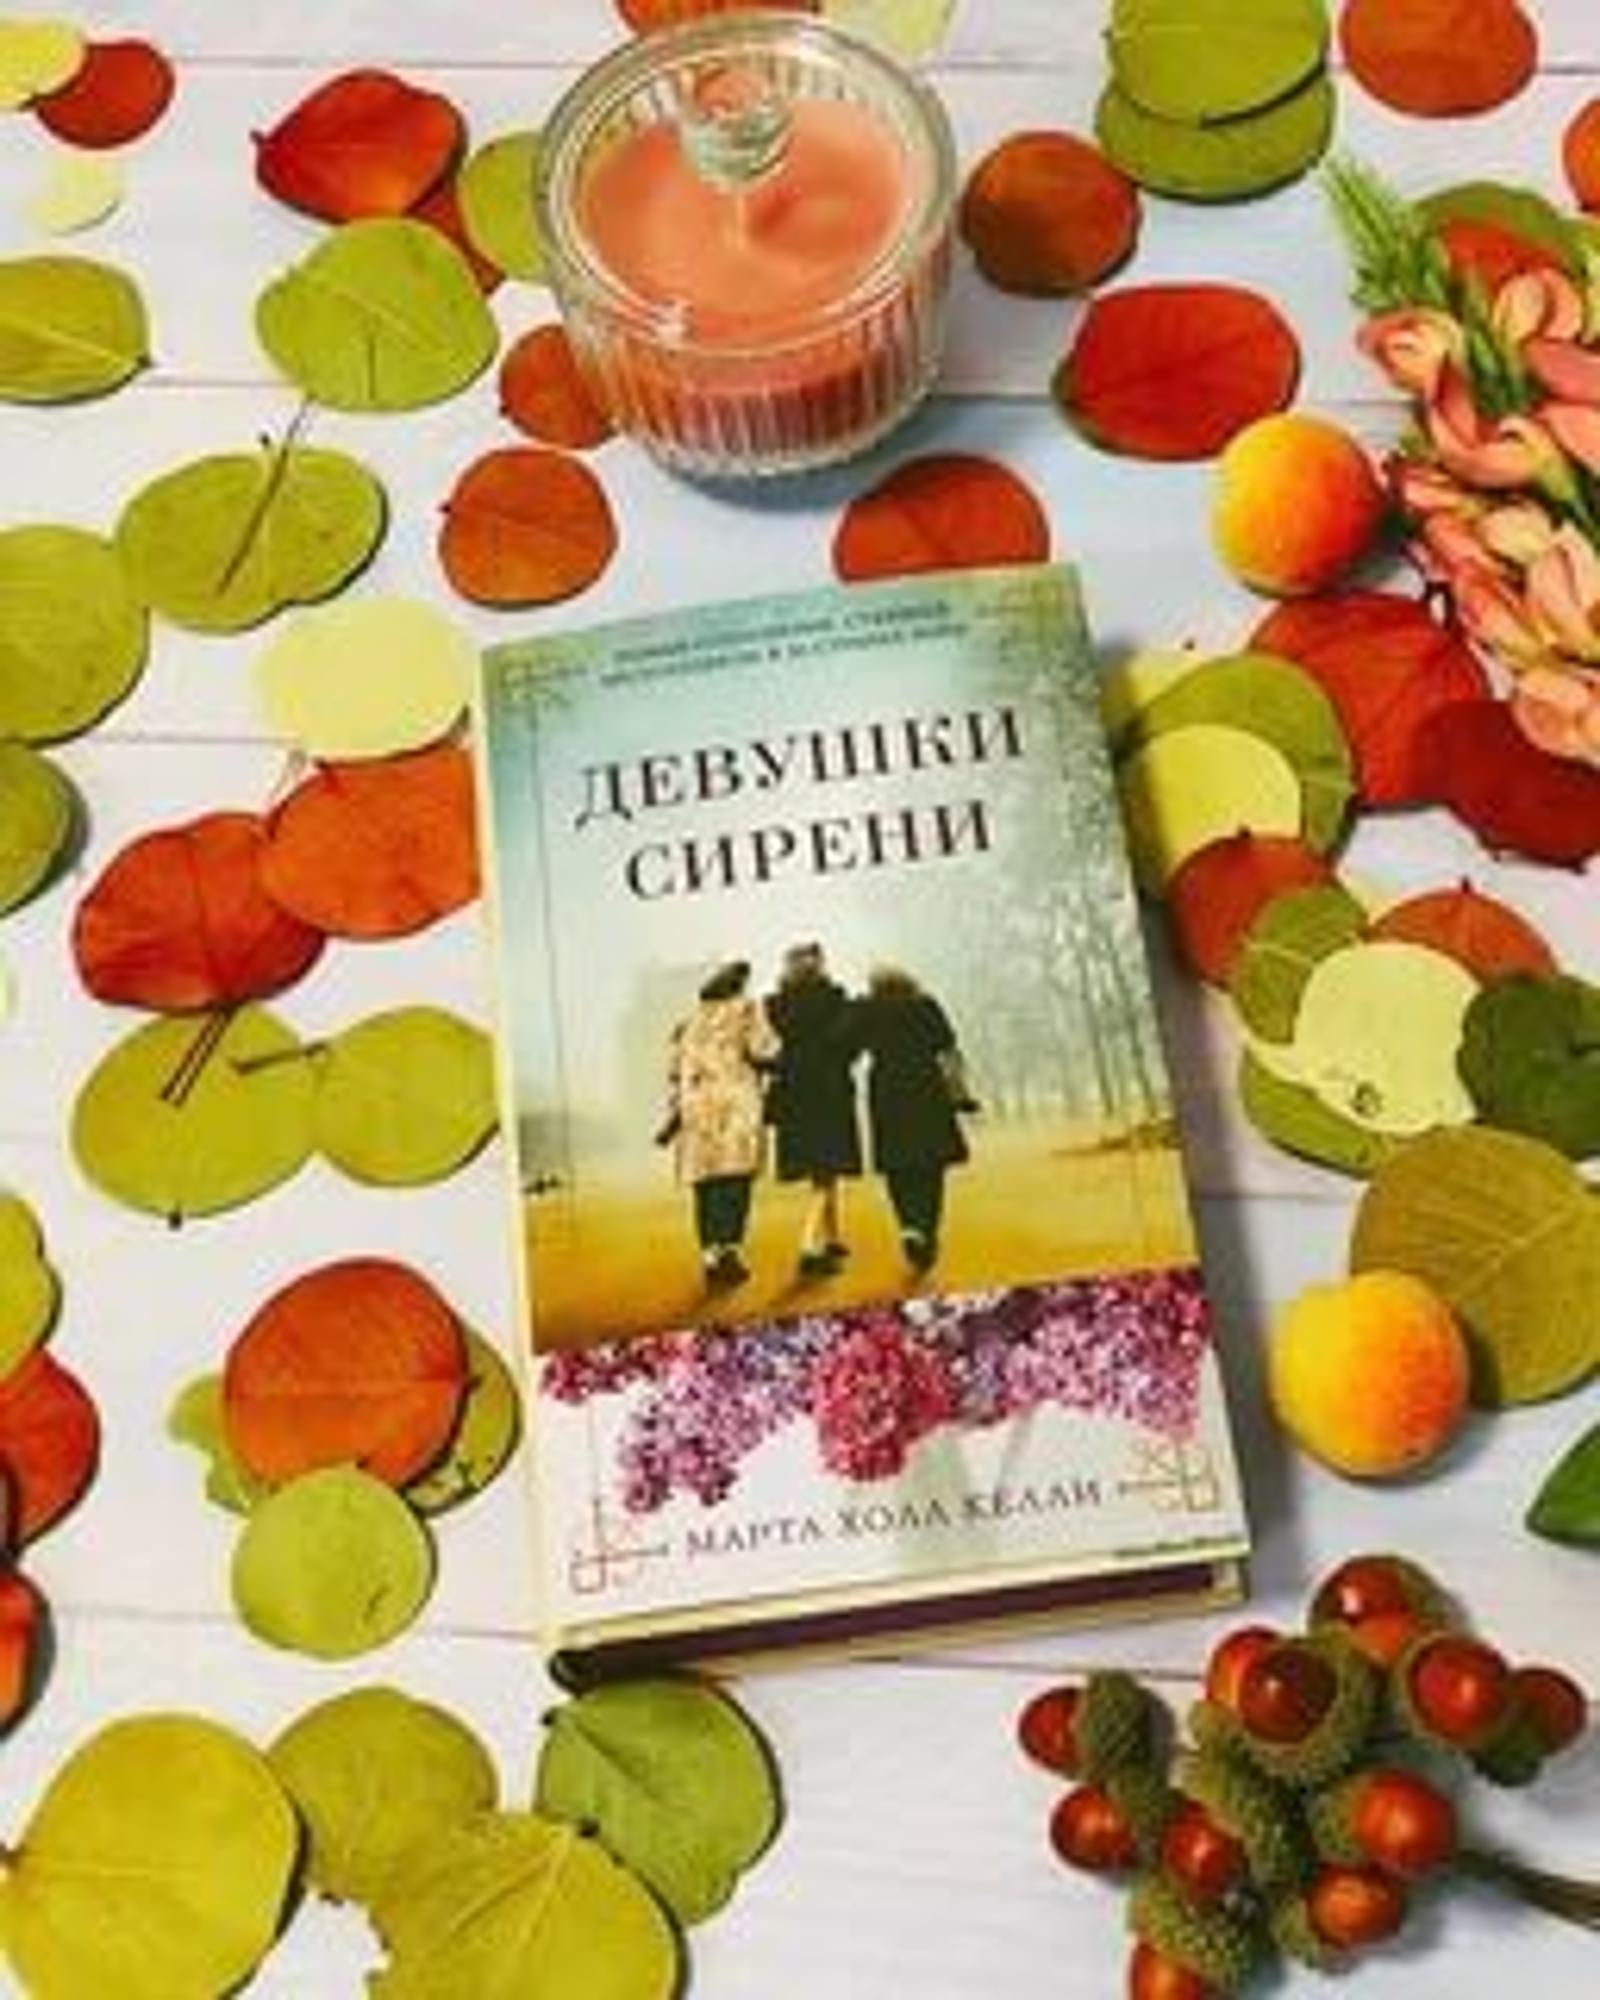 Что почитать? Рекомендации Екатерины Витебской-Мелас